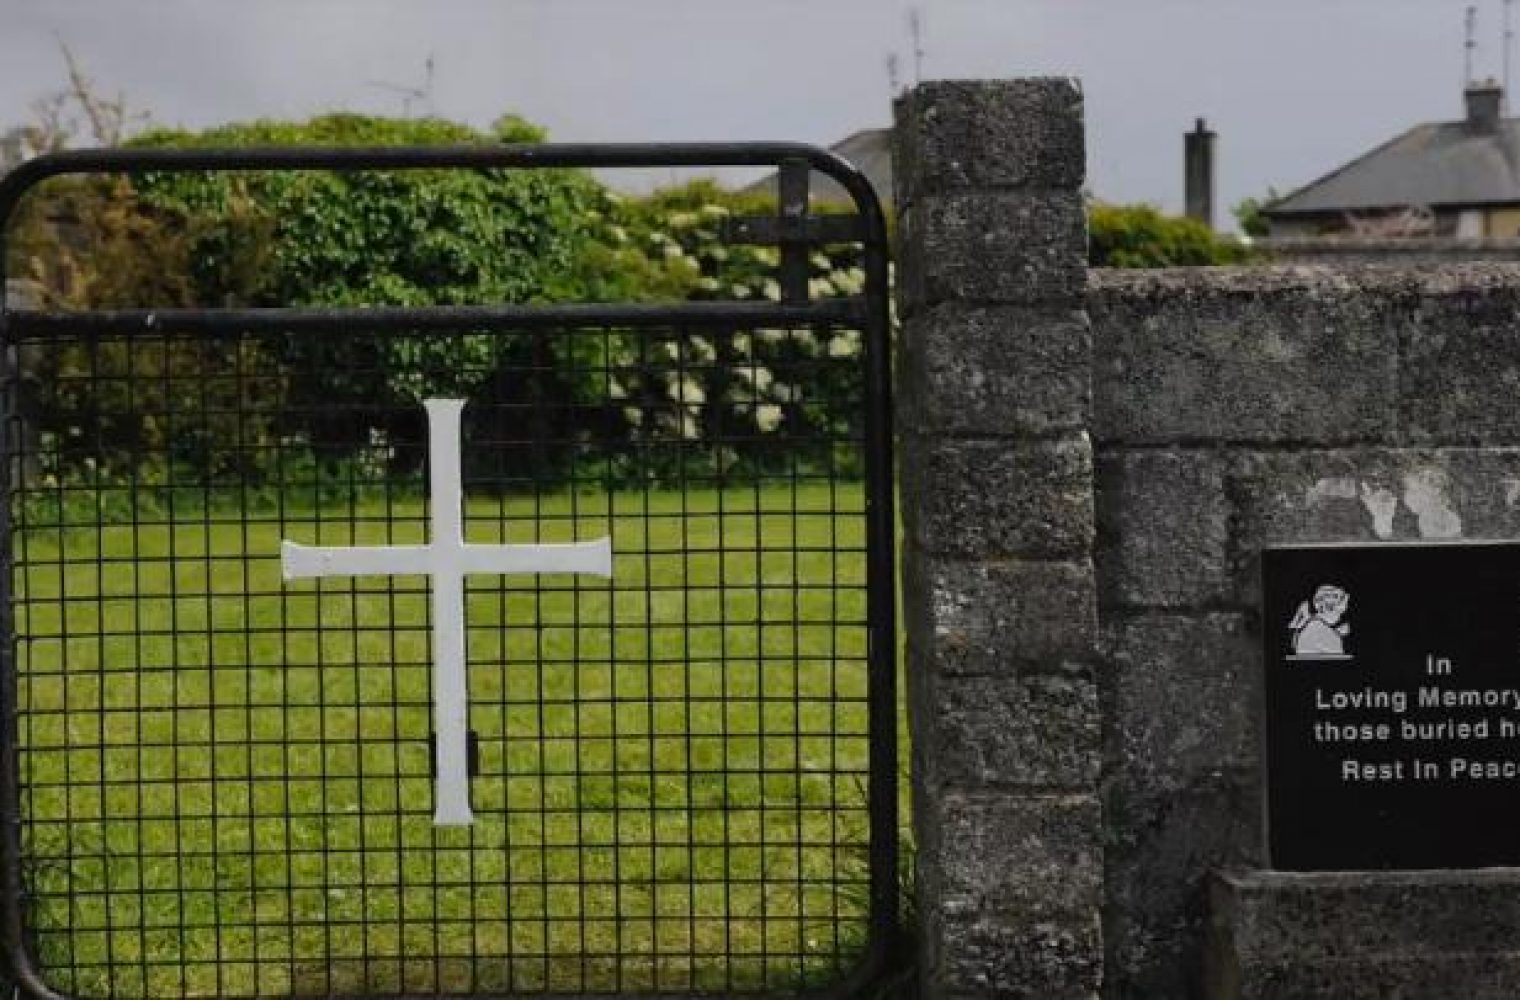 Ανύπαντρες μητέρες που χρονολογούνται από την Ιρλανδία